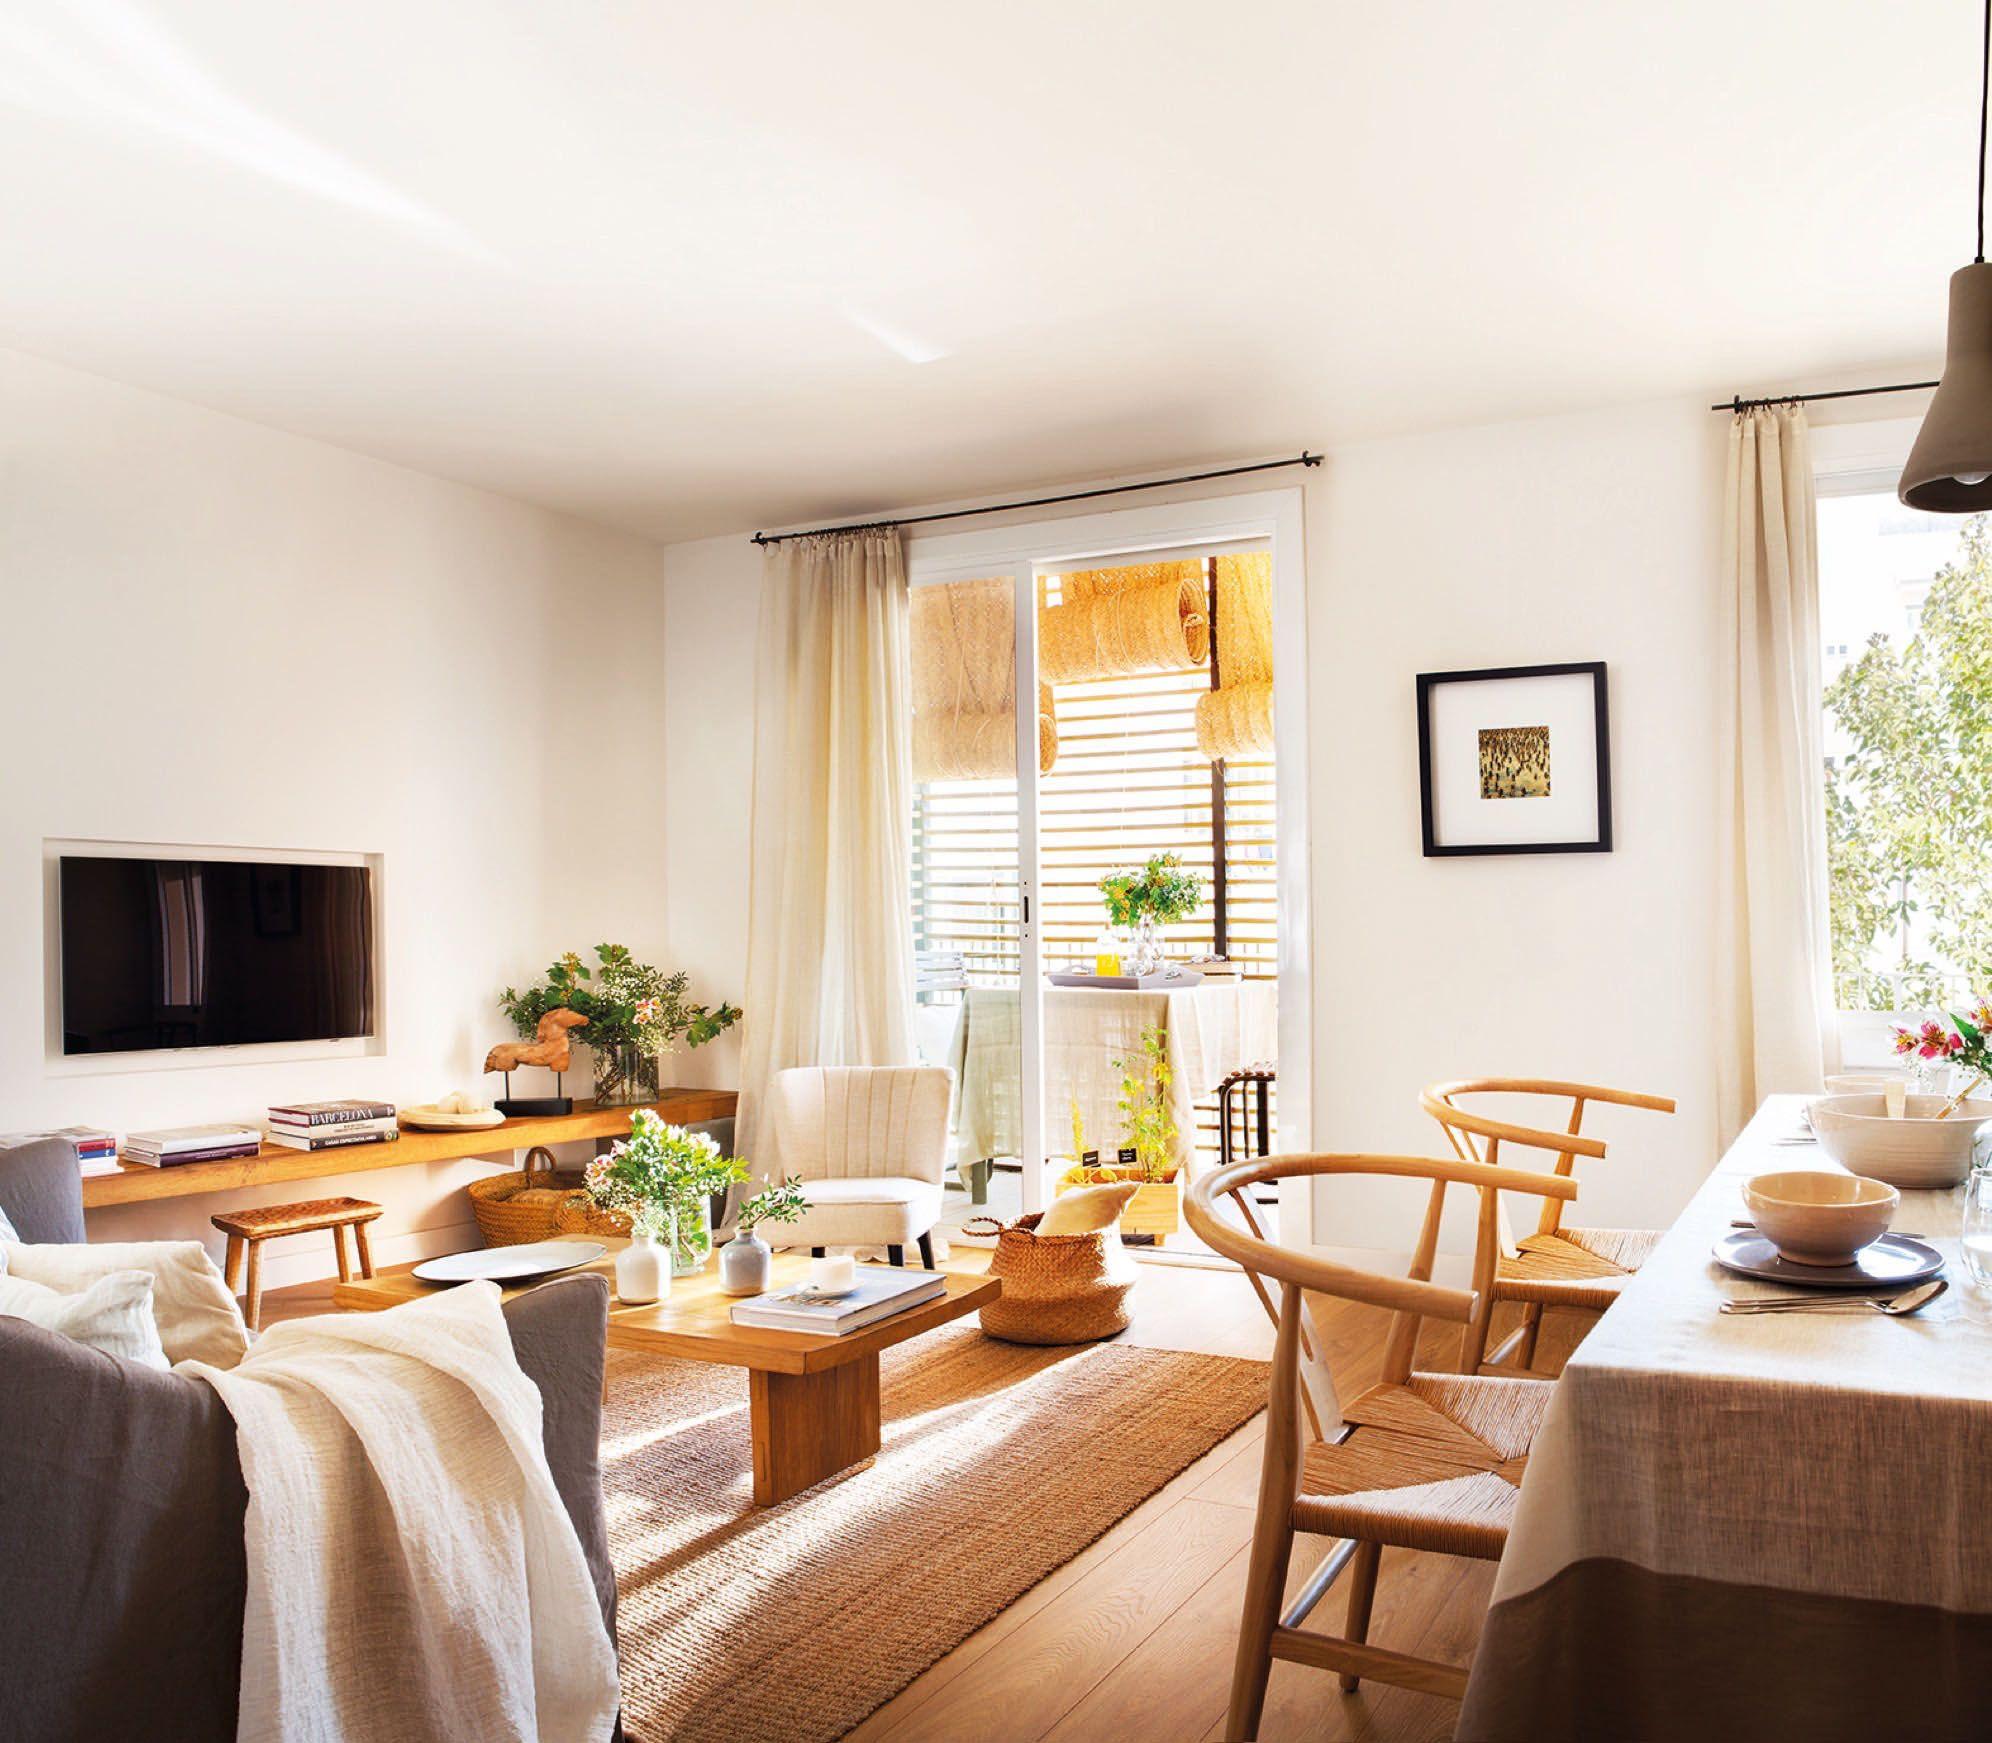 Requisitos para un primer dulce hogar | Silla wishbone, Salon ...